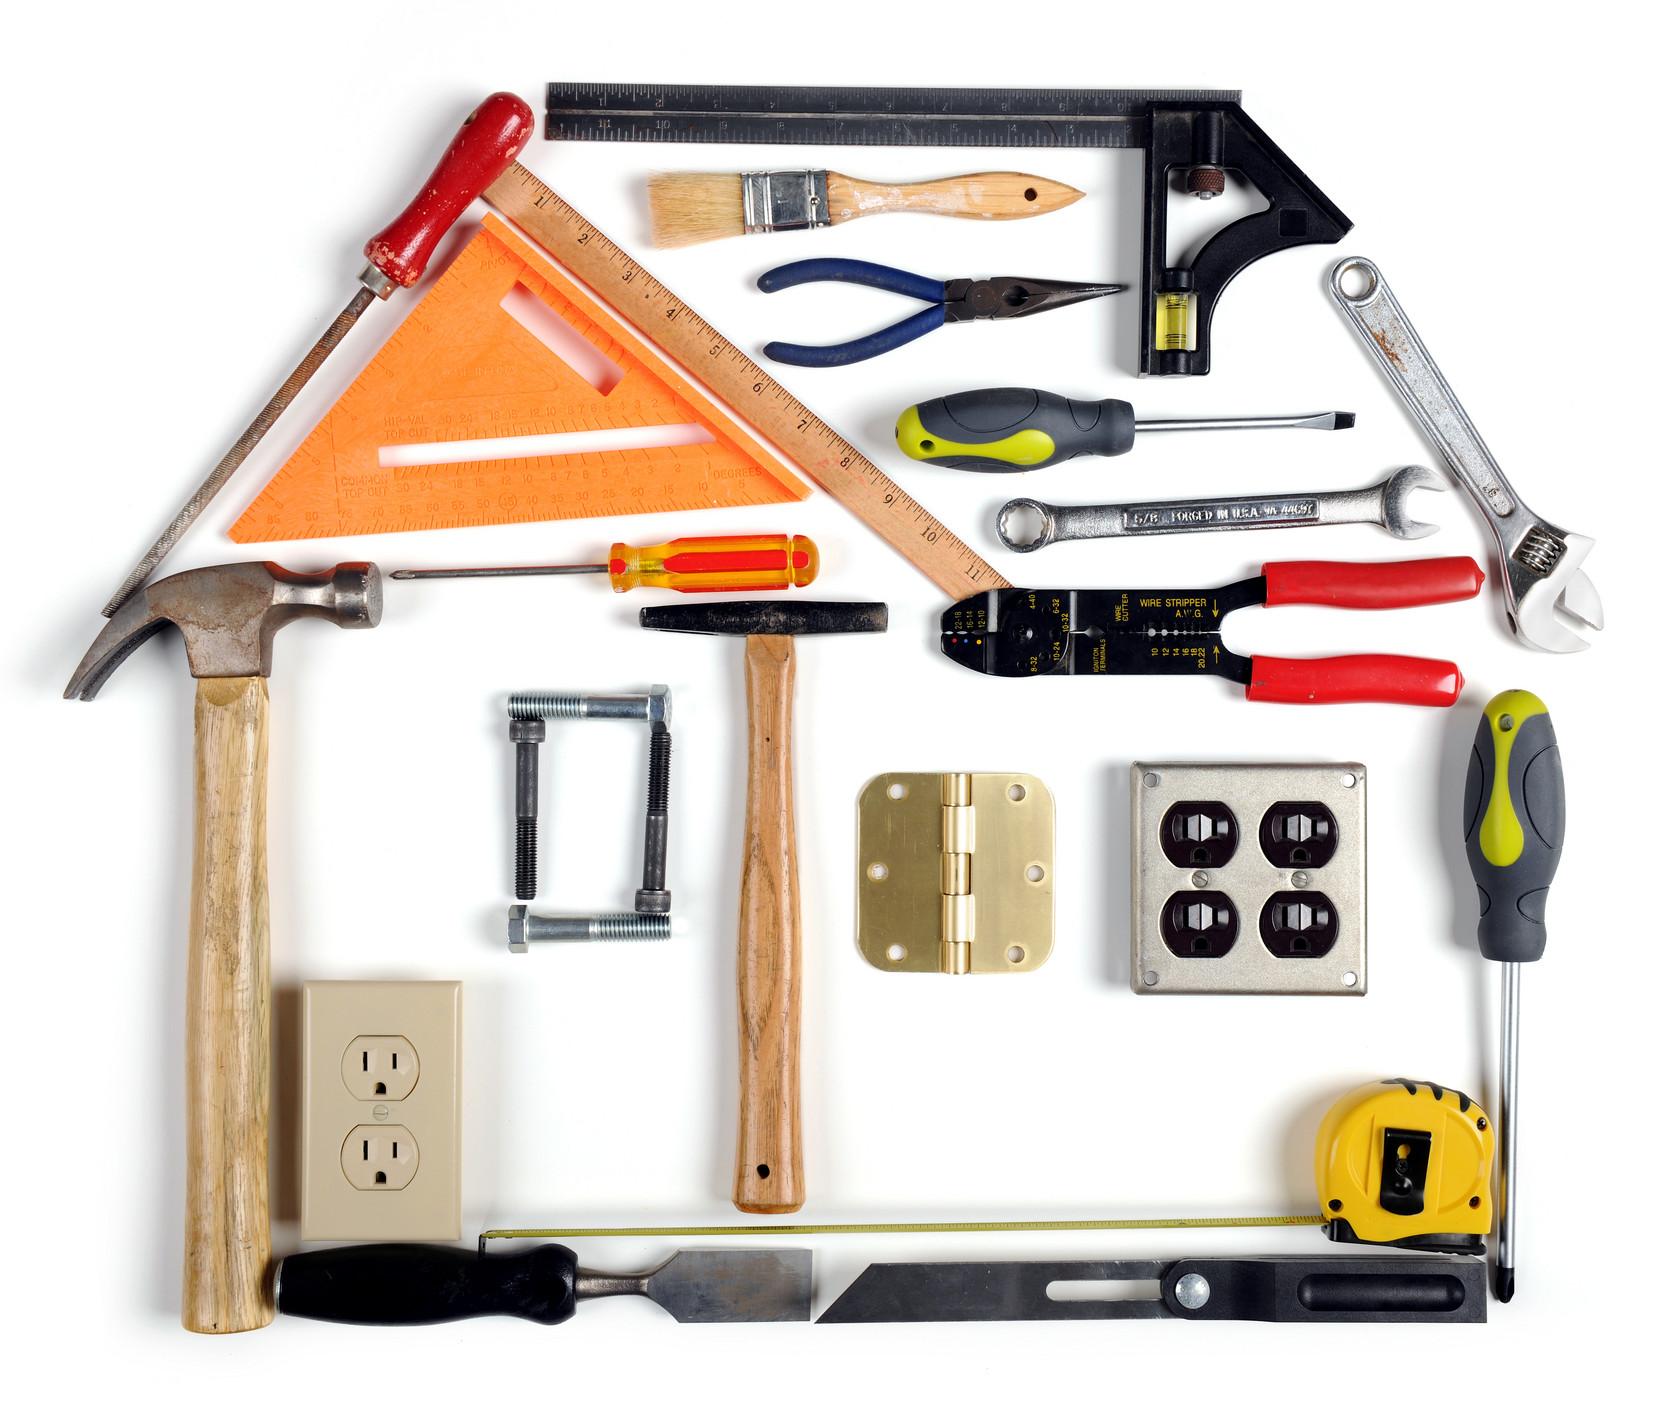 ابزار ساختمانی و صنعتی را از کجا بخریم ؟